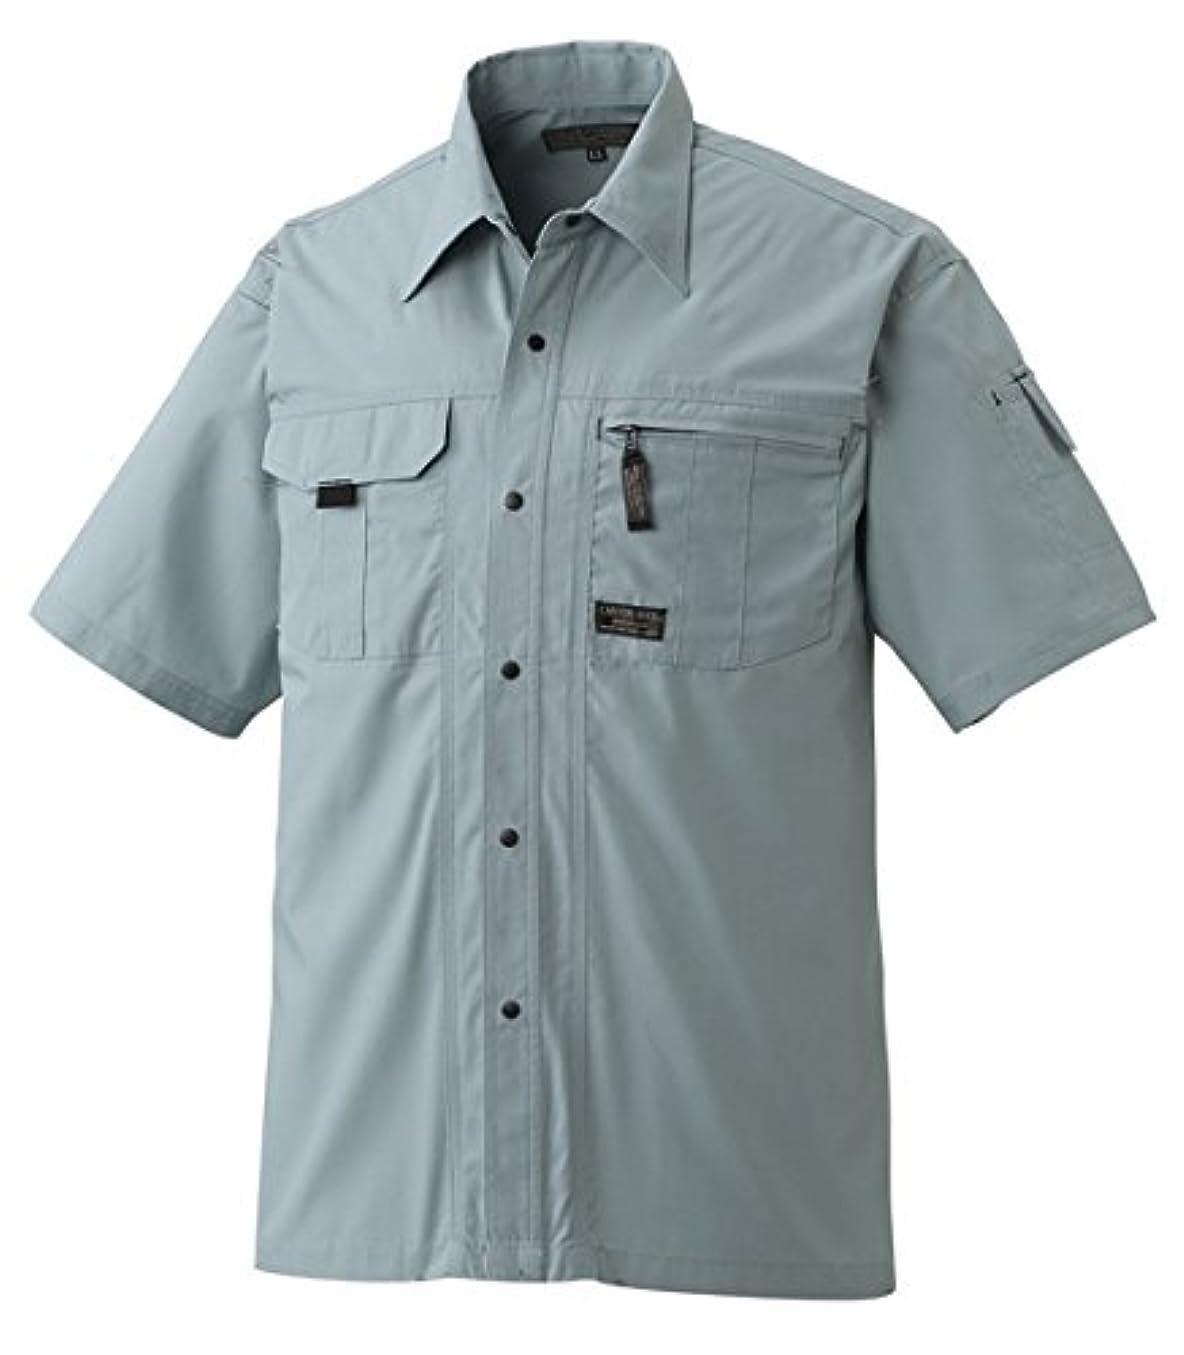 師匠かごラビリンスアタックベース 半袖シャツ 春夏用 512-8 20 ナイルグリーン 4L